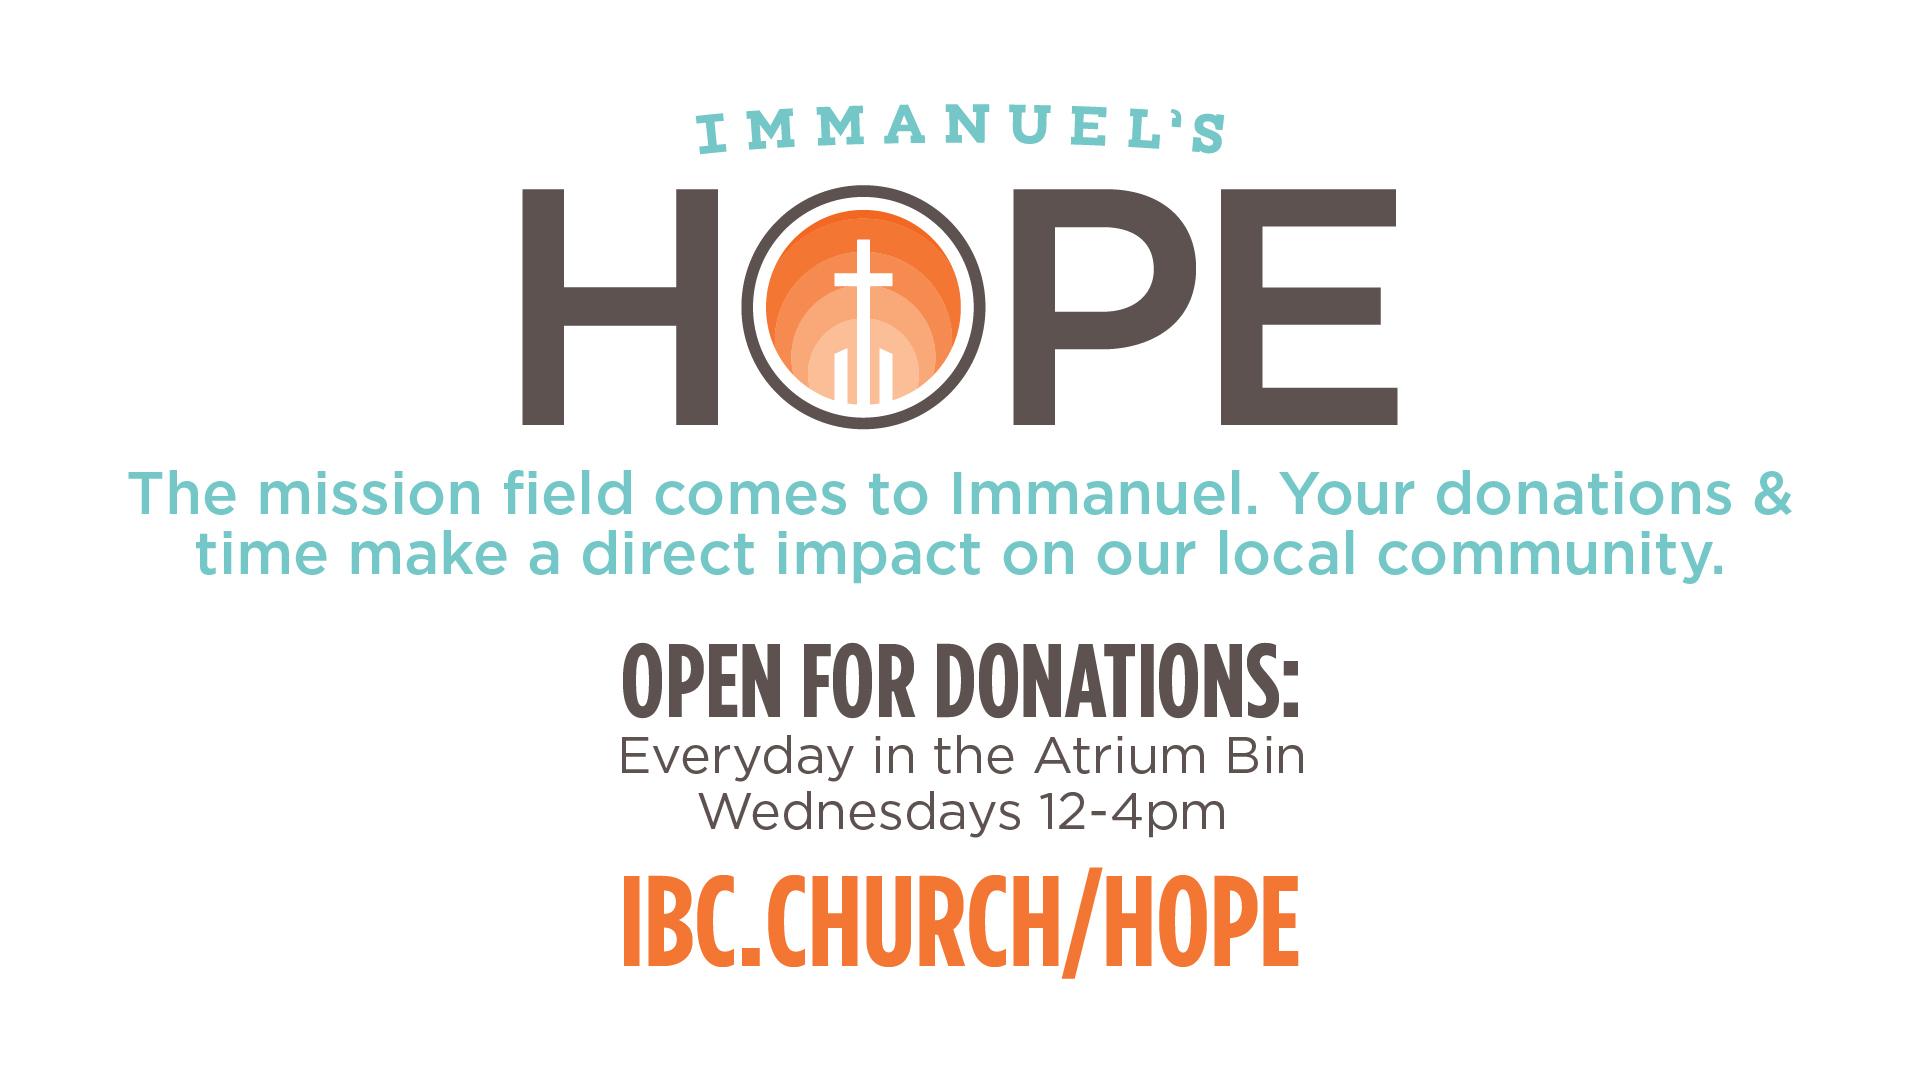 Immanuel's Hope